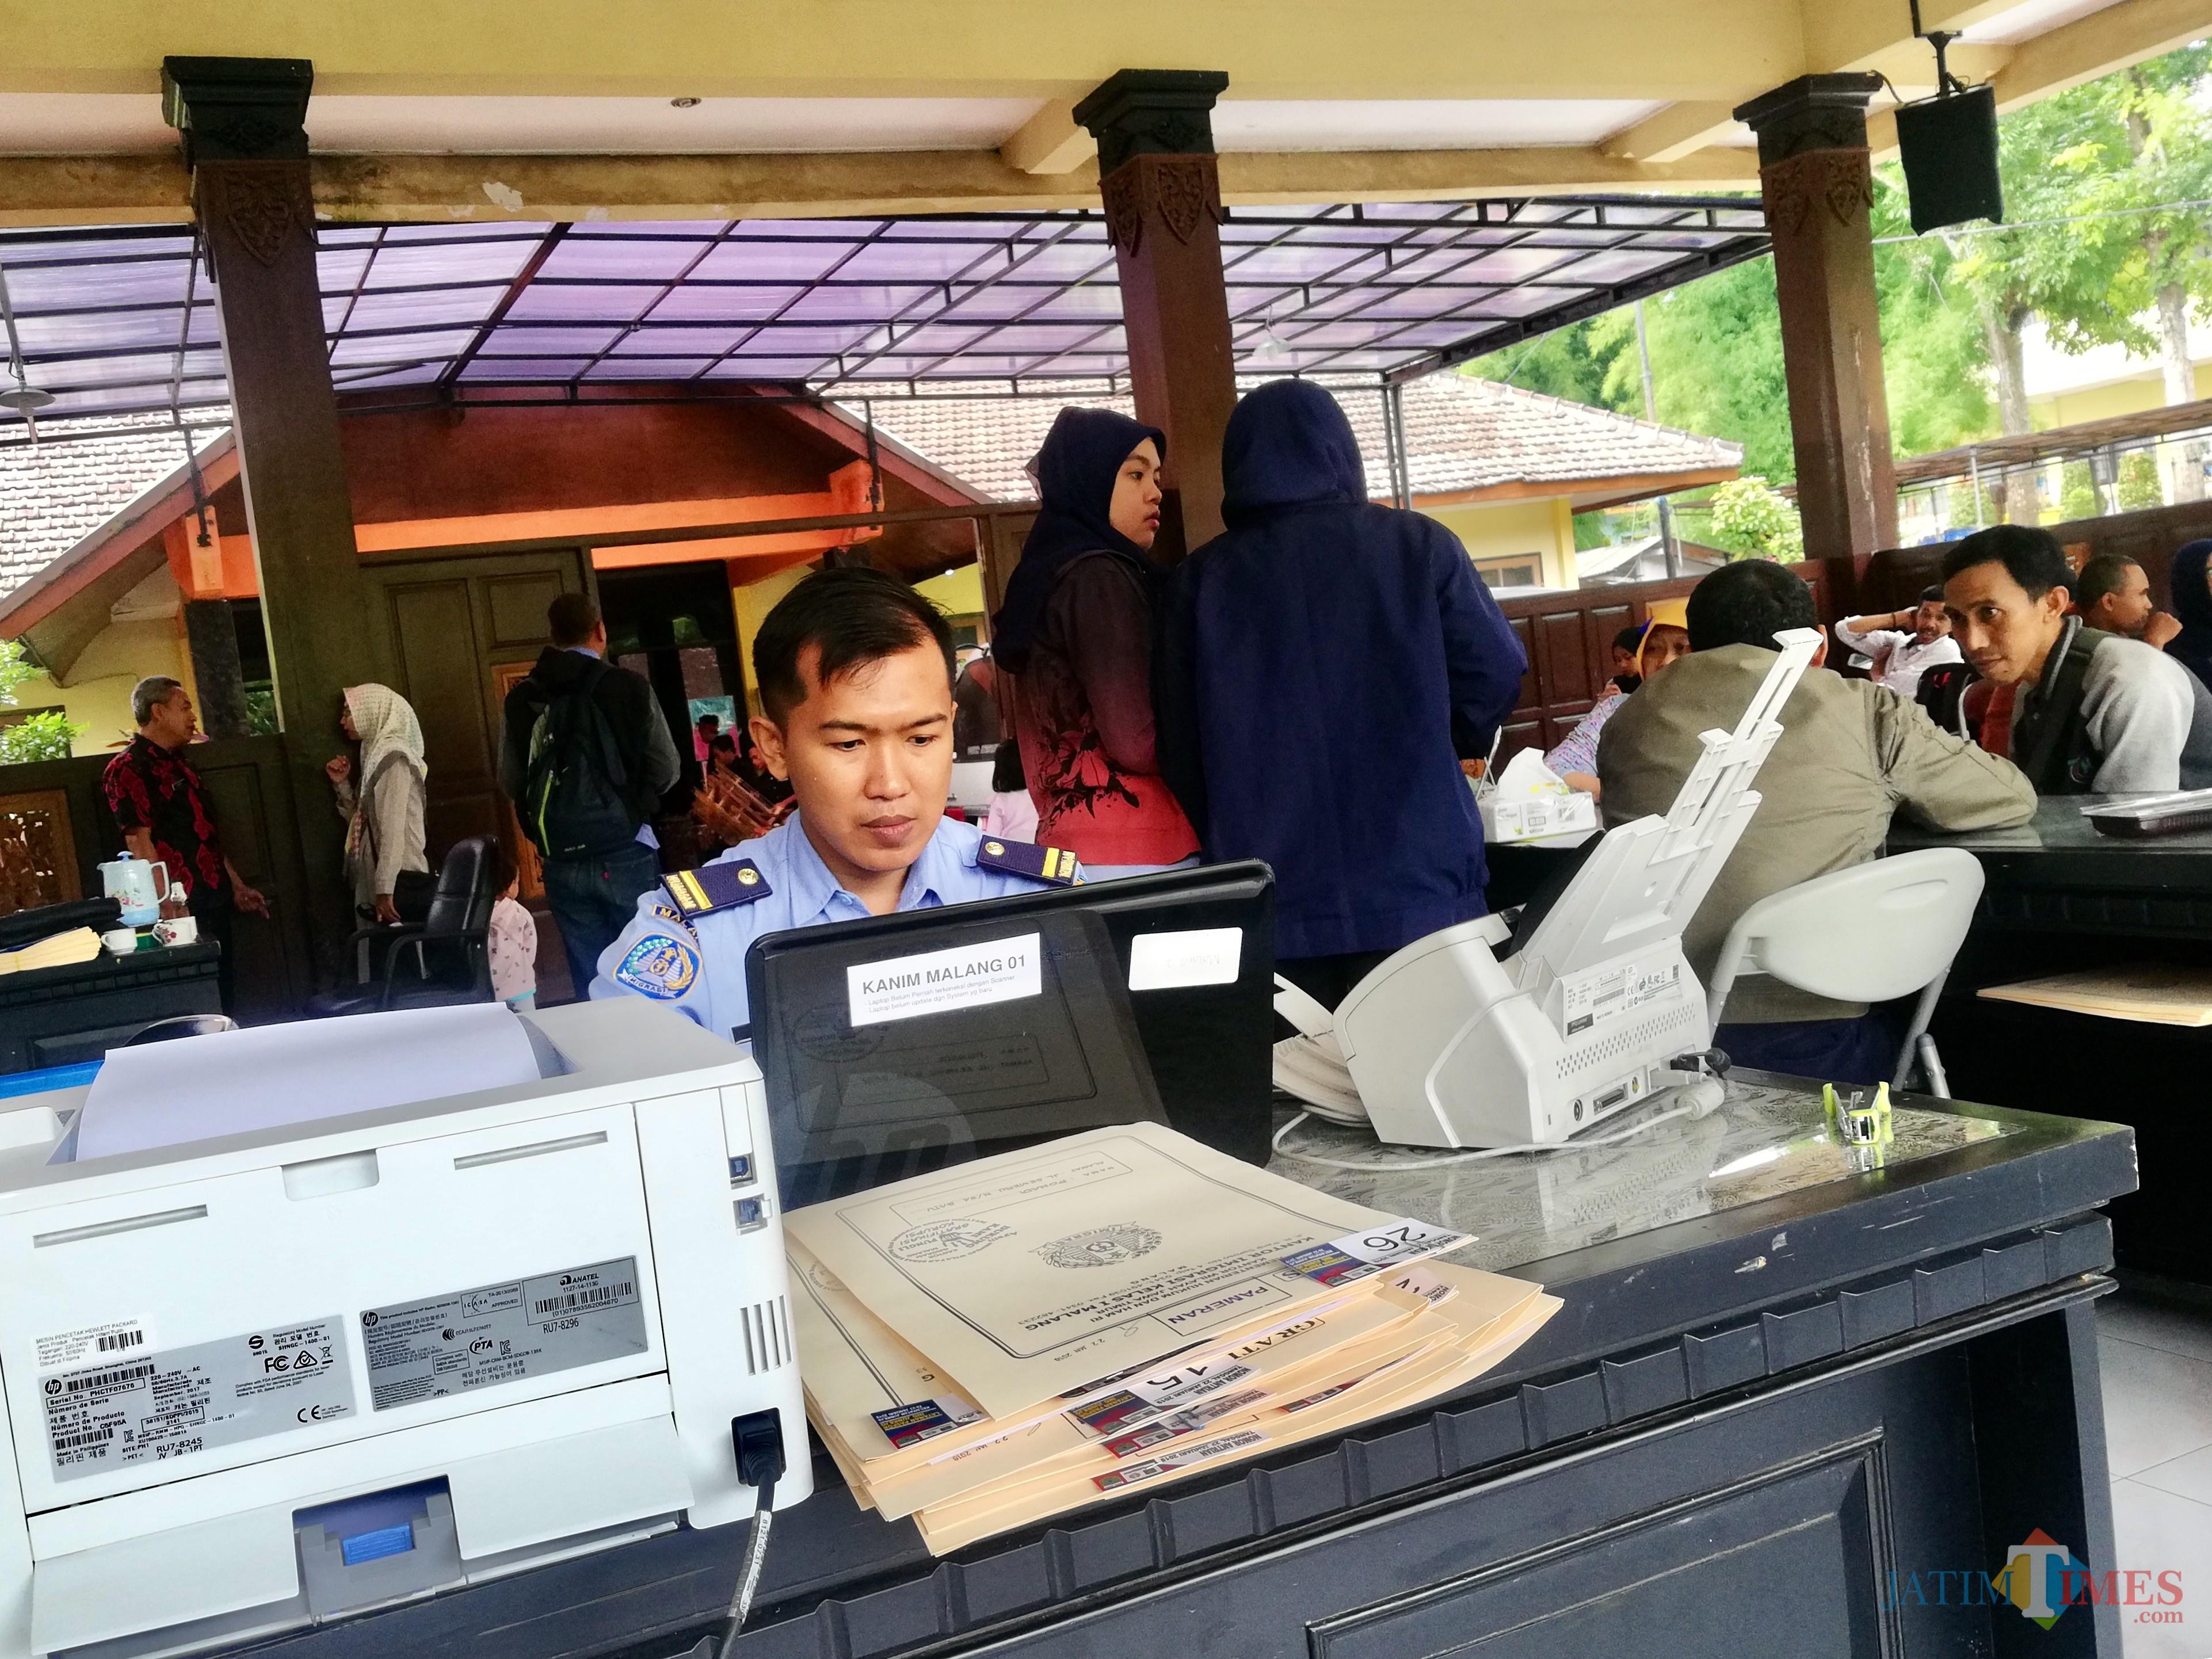 Pemohon saat melakukan proses pendaftaran di kantorKecamatan Junrejo, Kota Batu Selasa (22/1/2019). (Foto: Irsya Richa/MalangTIMES)